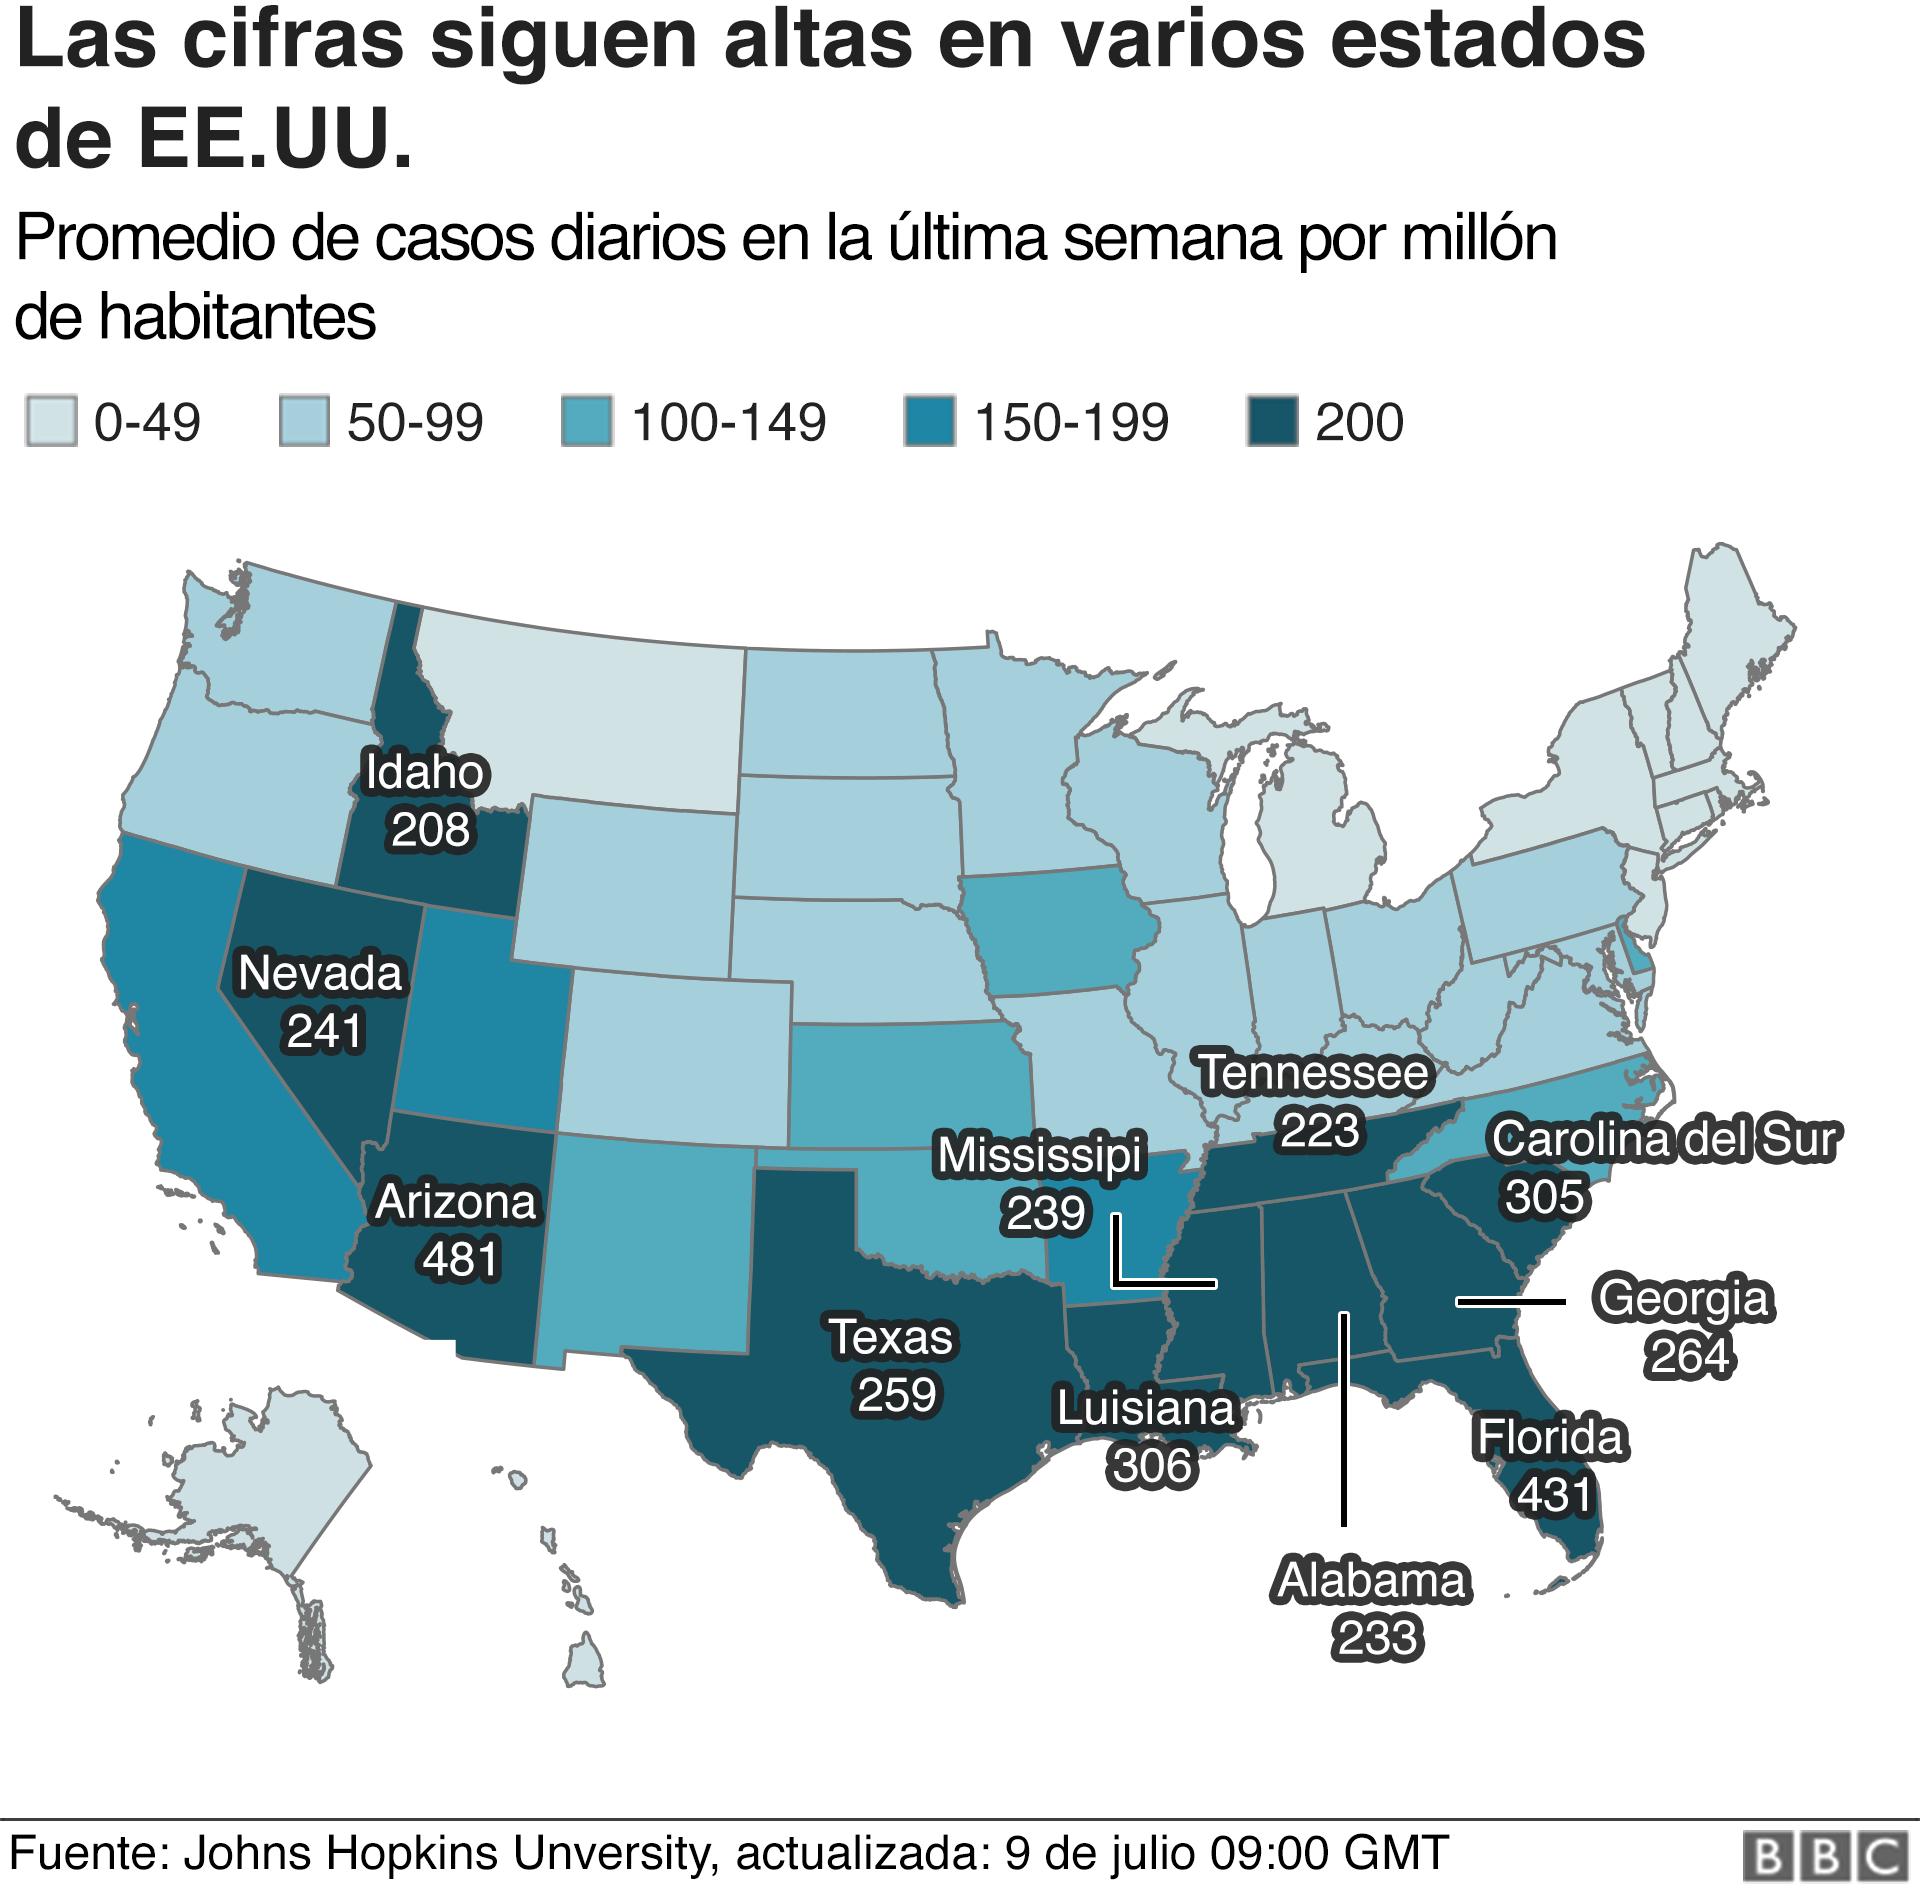 Mapa que muestra número de casos por estado